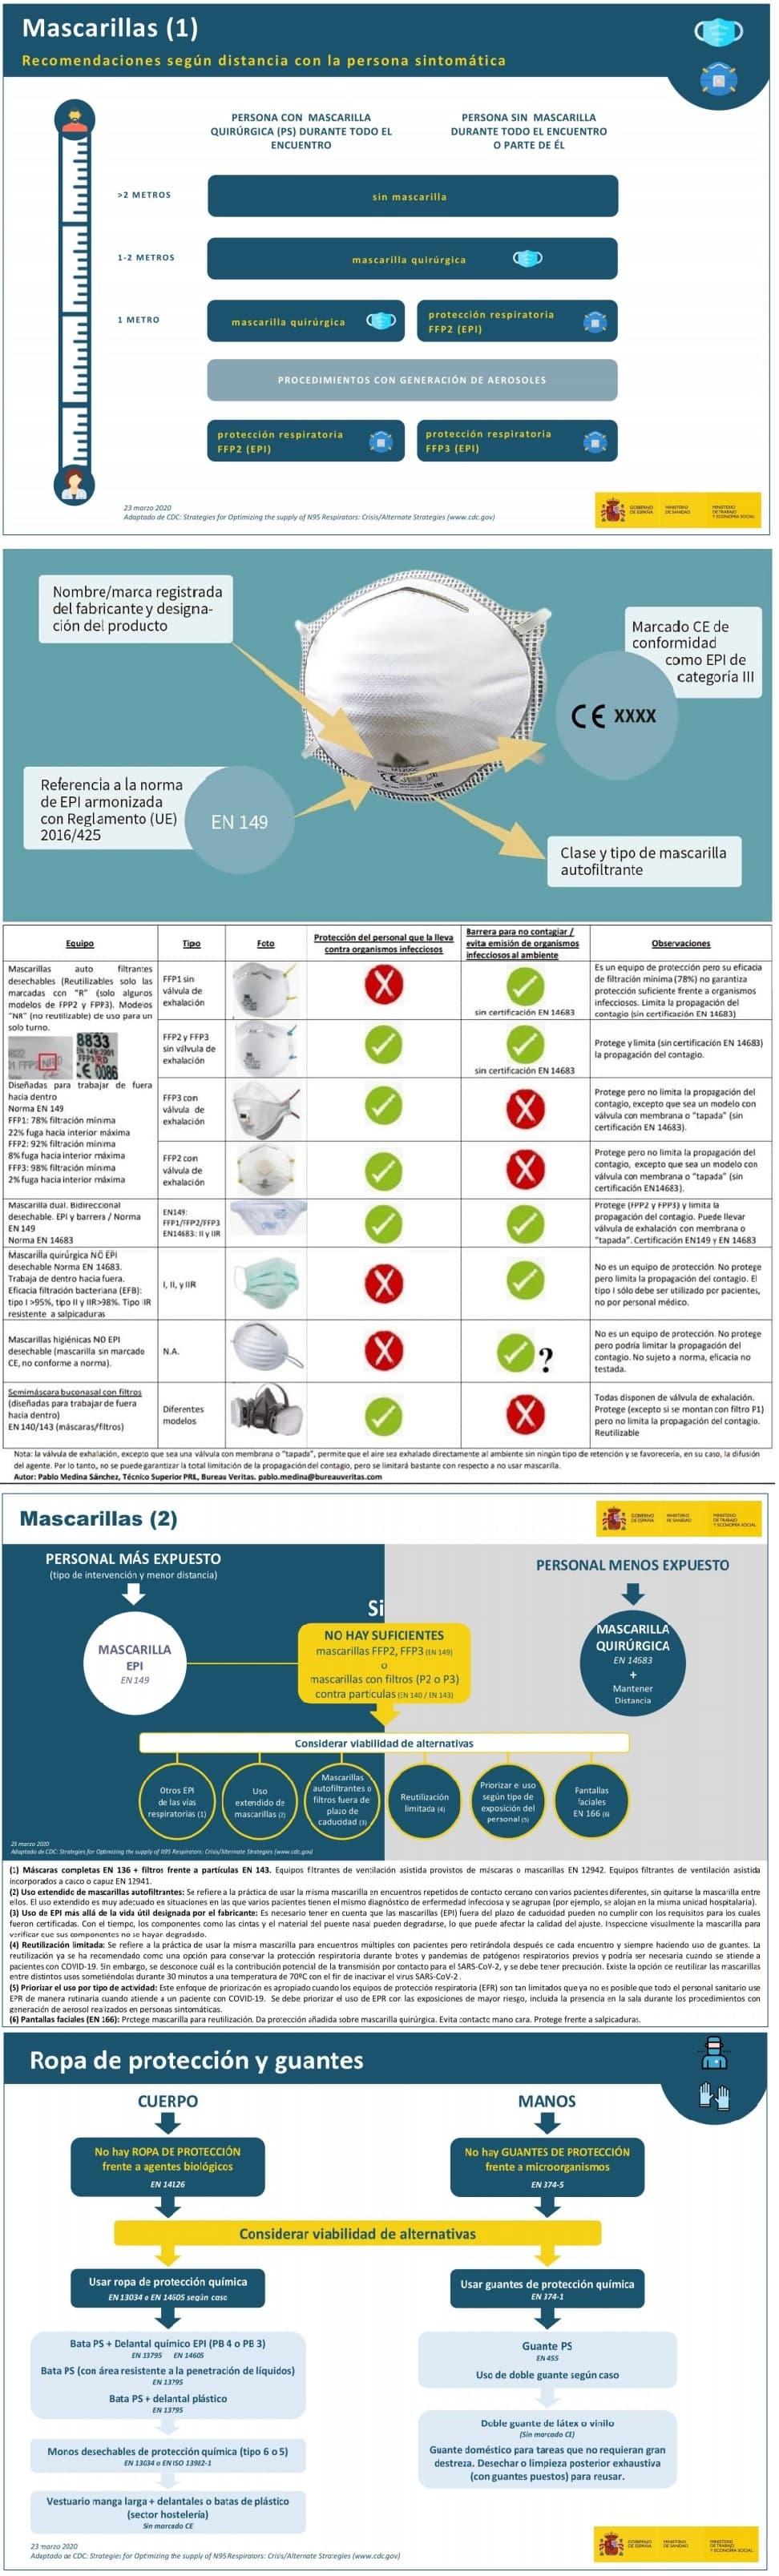 infografia protecciones coronavirus covid19